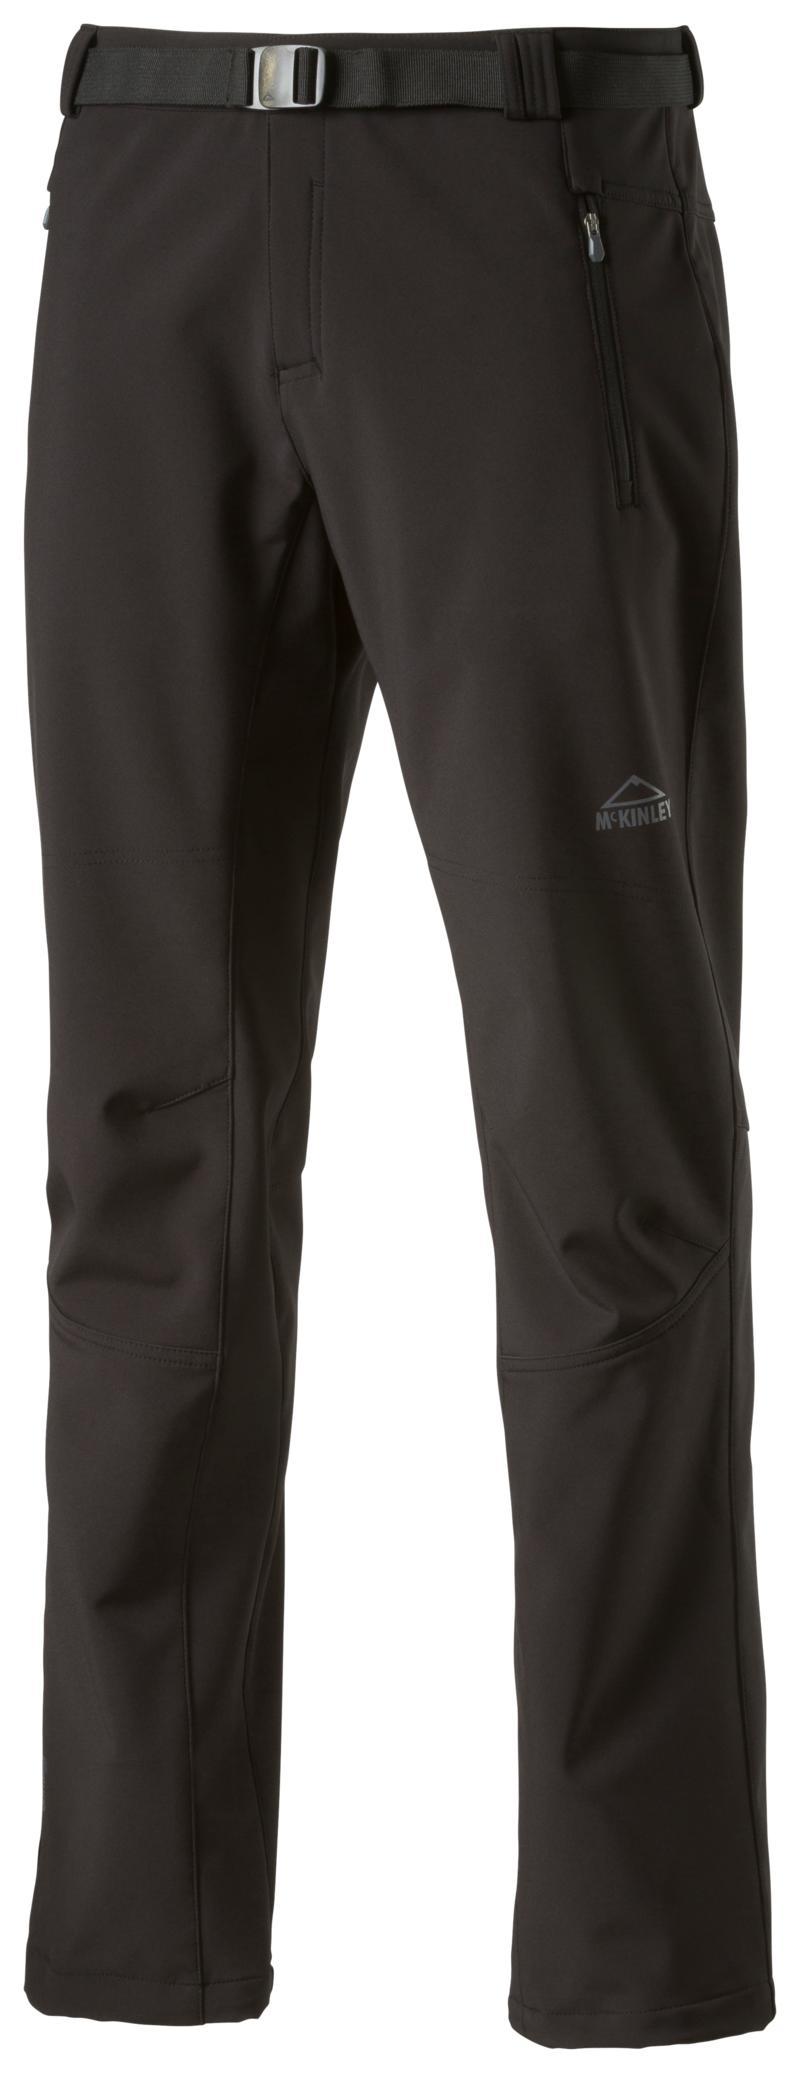 McKinley SHALDA MEN, moške pohodne hlače, črna